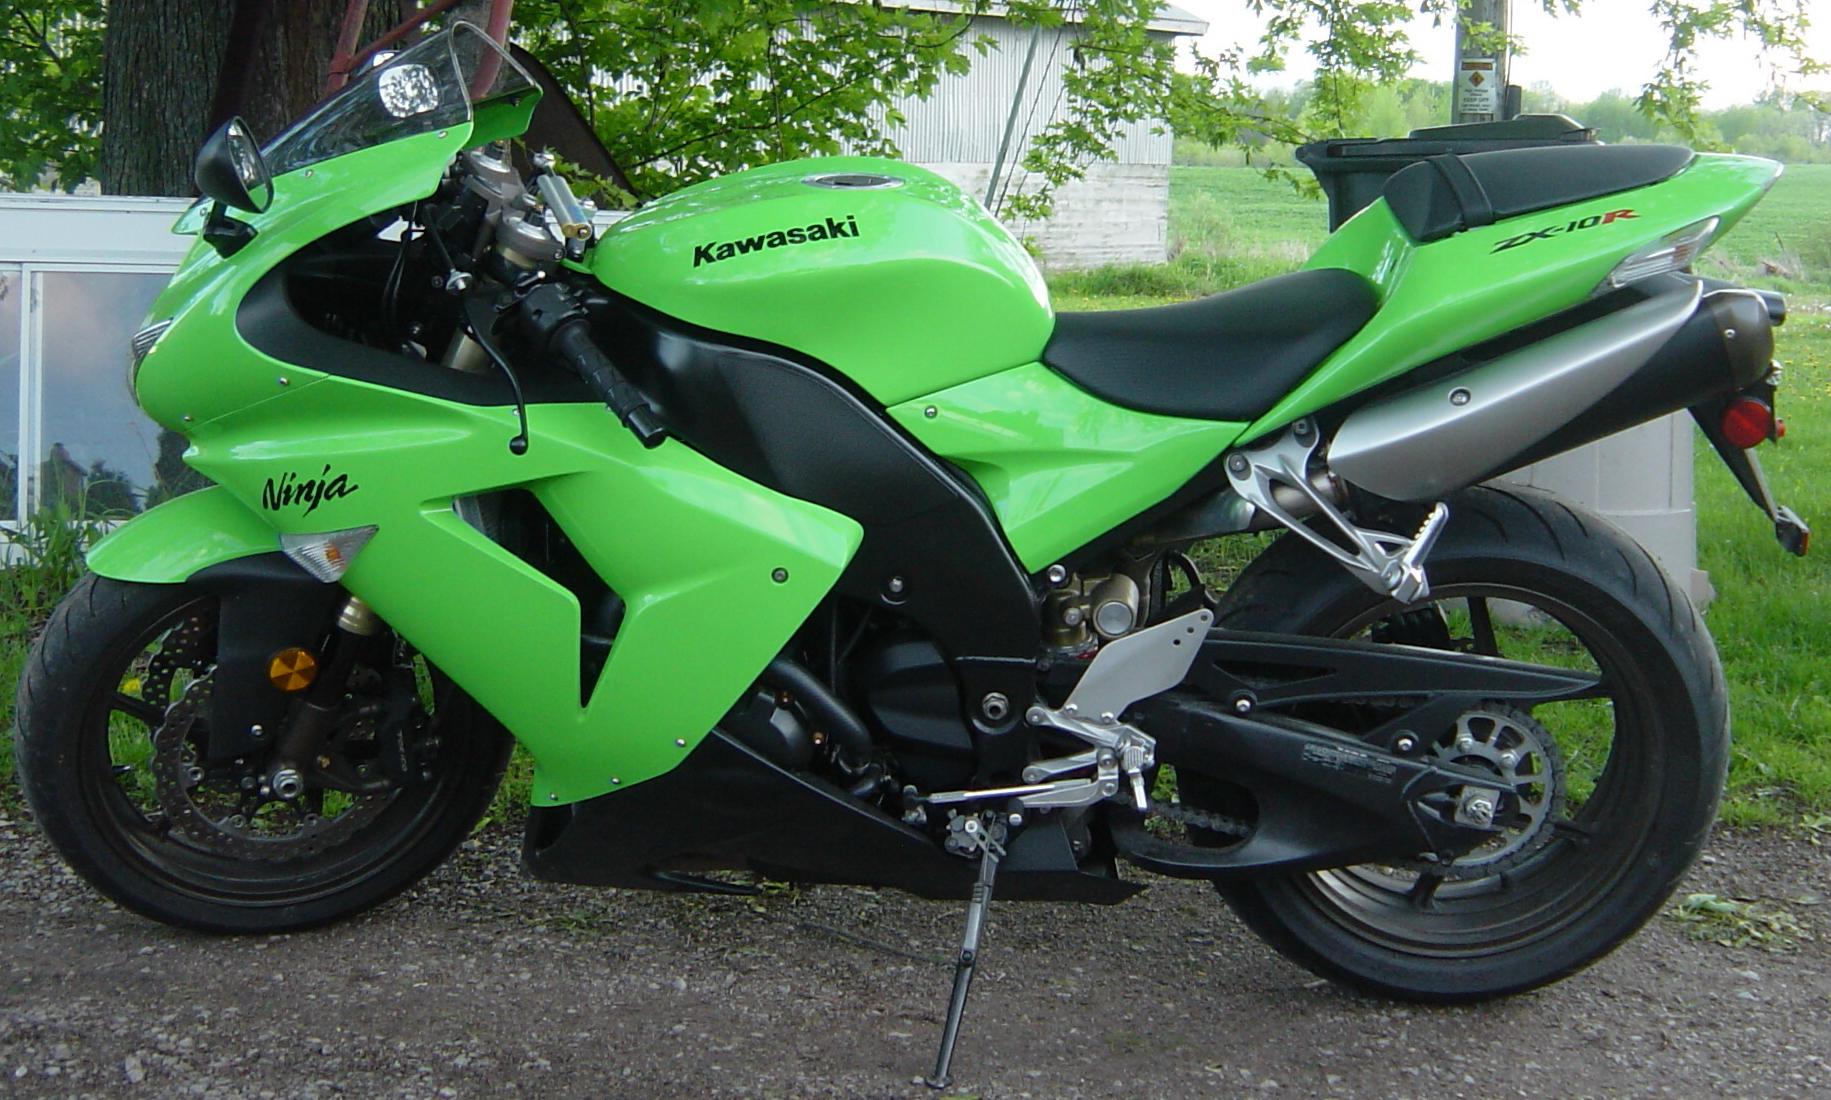 Kawasaki Ninja Lime Motorcycle by FantasyStock on DeviantArt